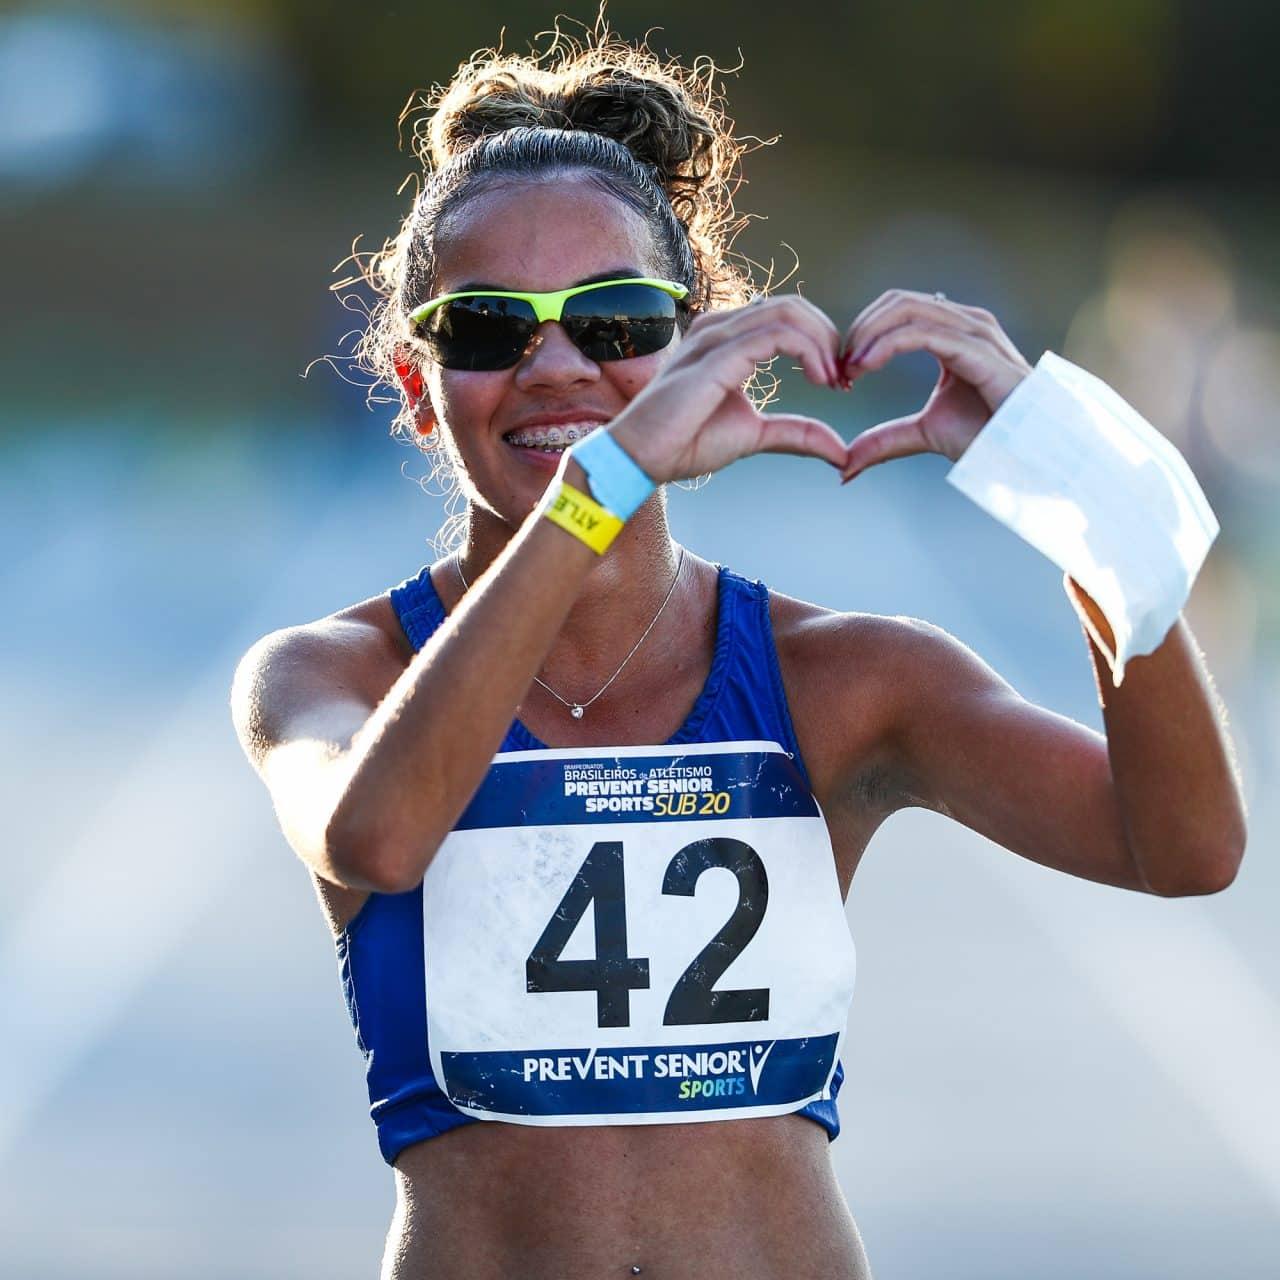 Gabriela Muniz comemora o recorde brasileiro sub-20